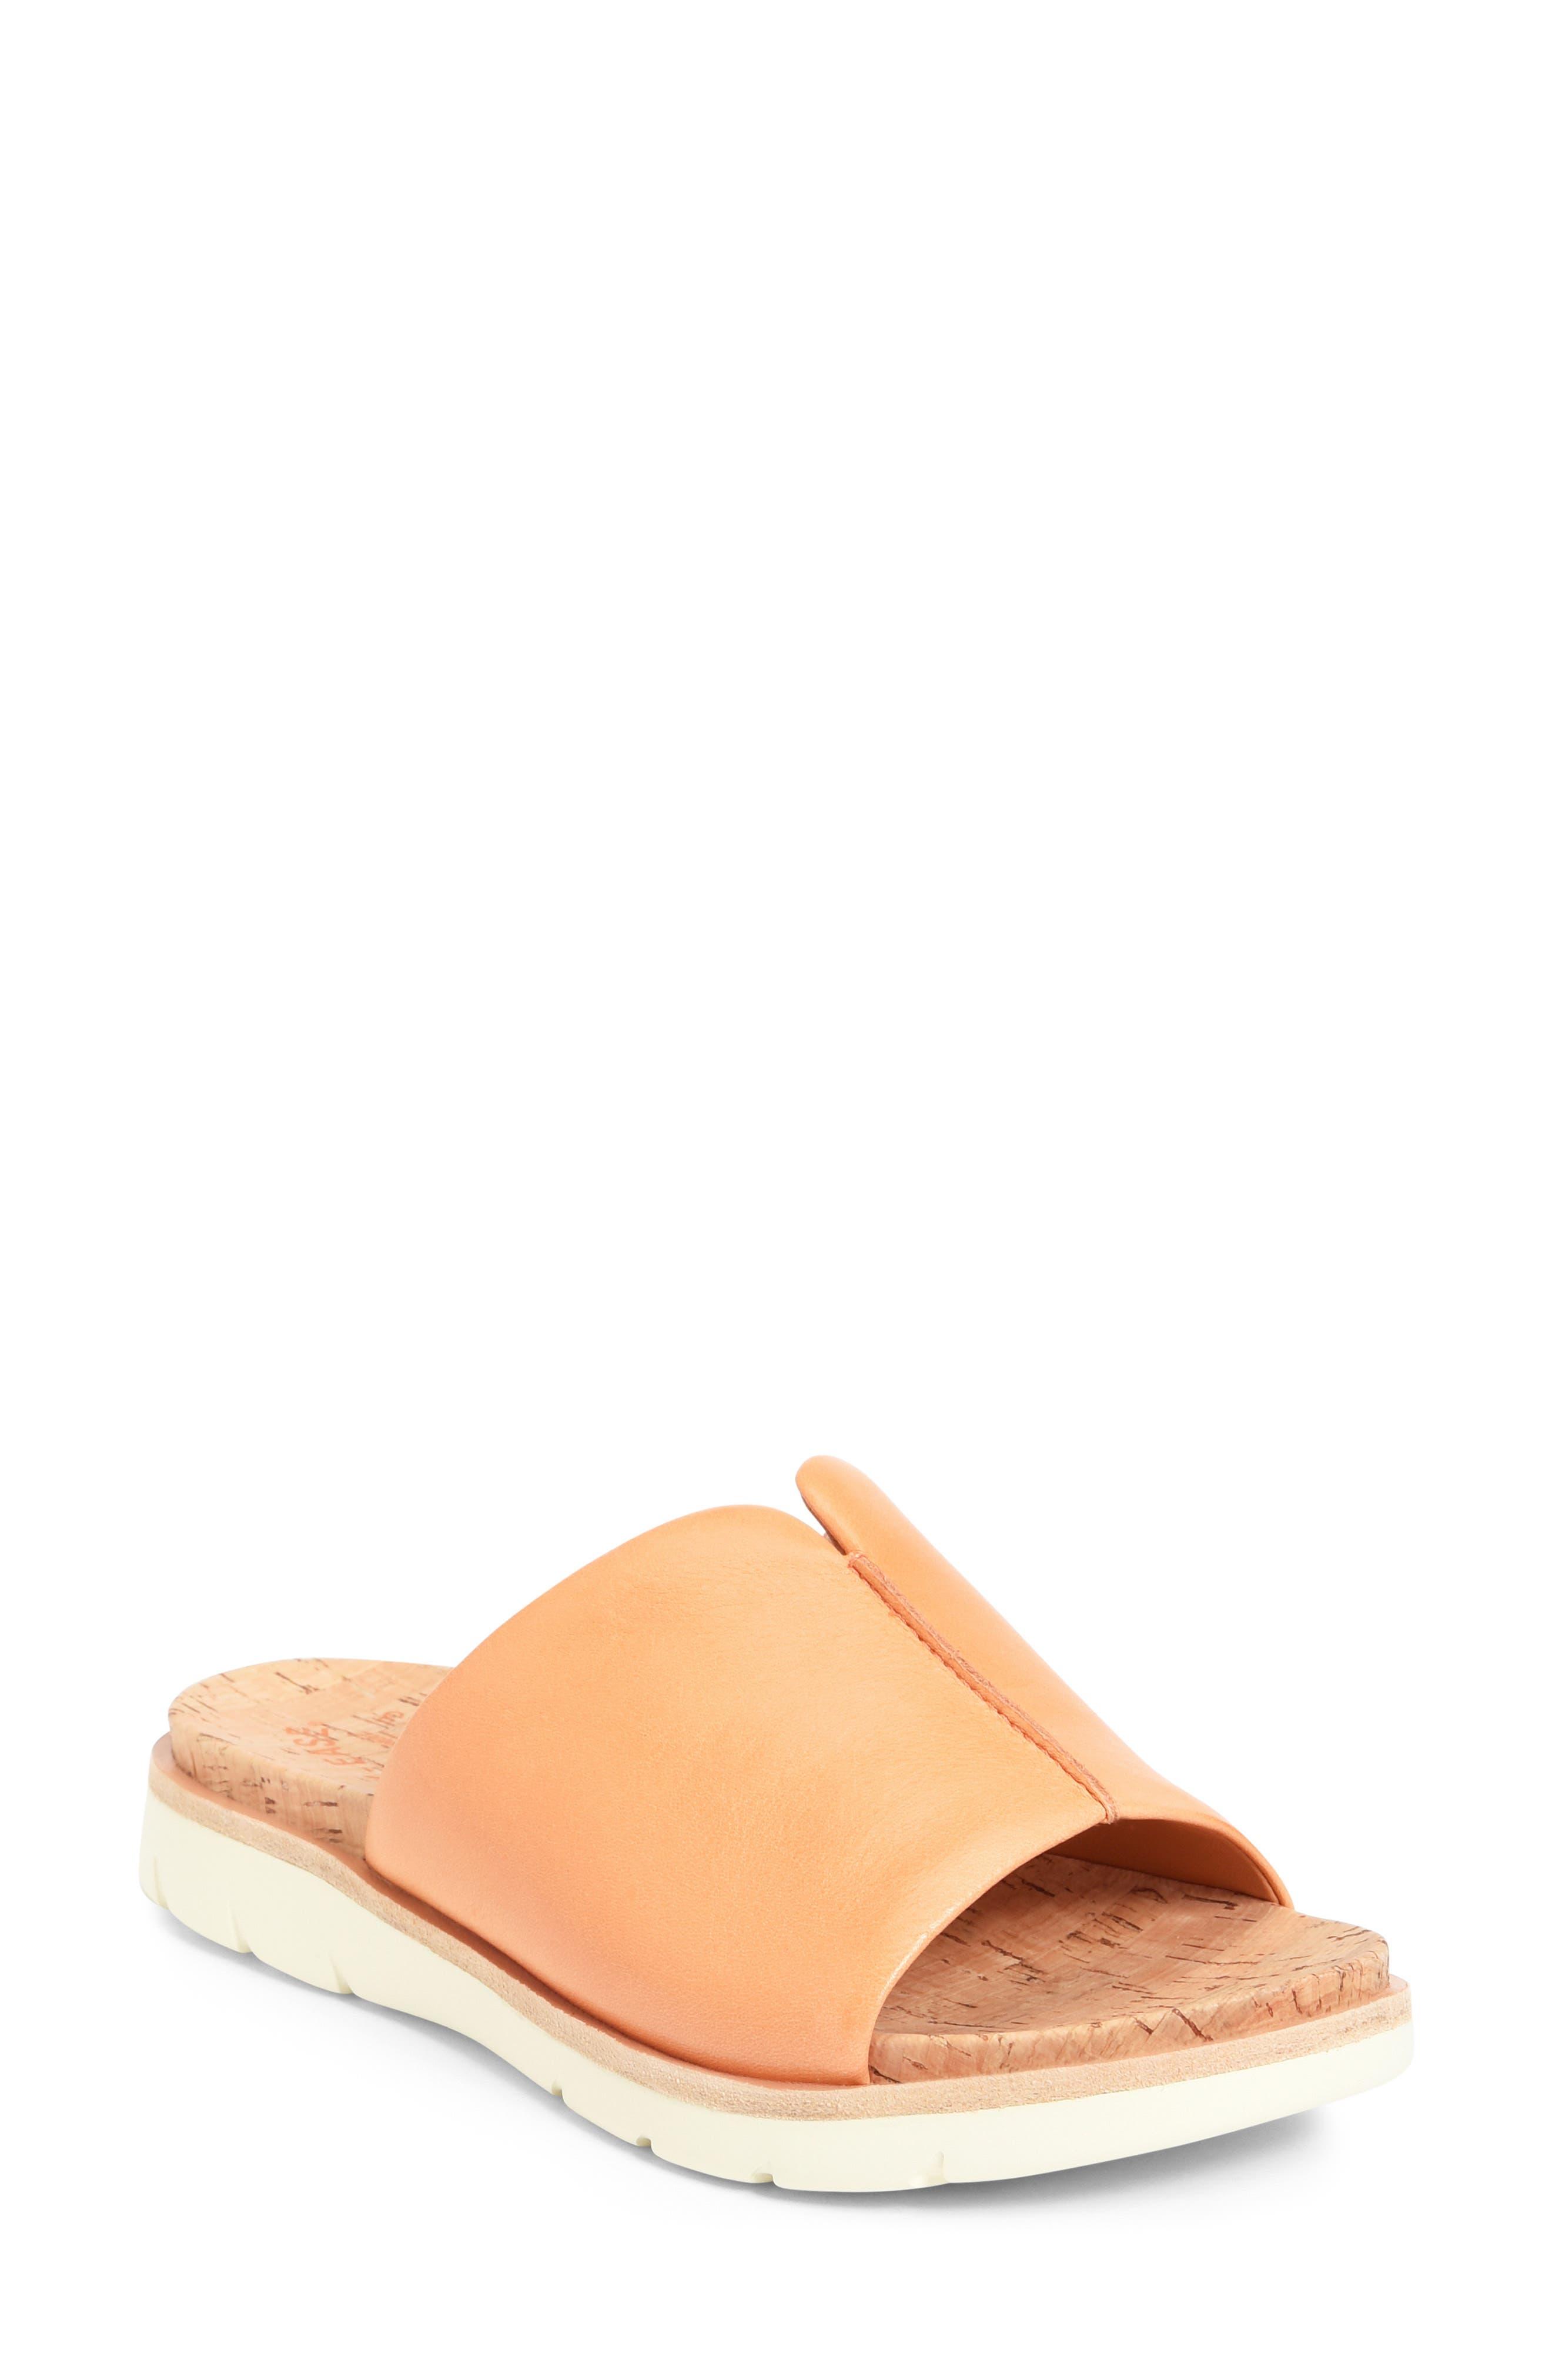 Women's Kork-Ease Leah Slide Sandal